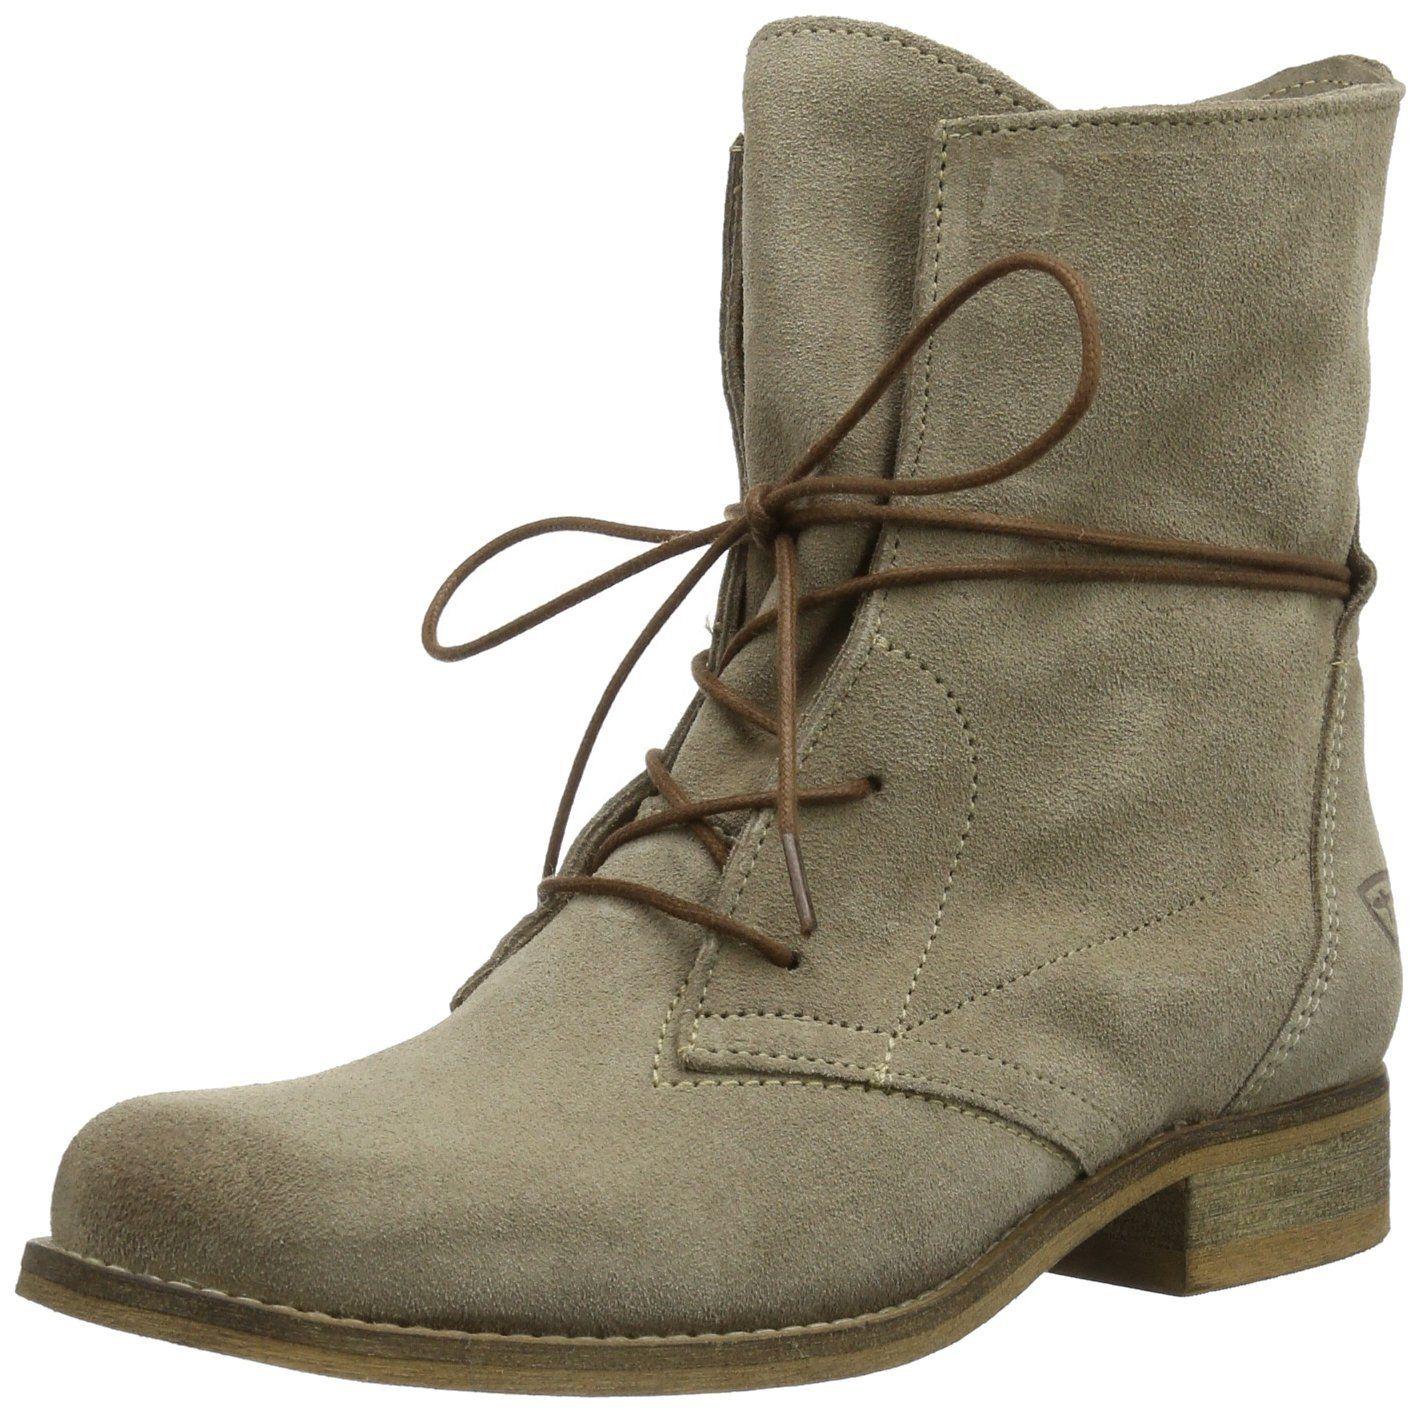 062d7b5e687247 Tamaris 1-1-25262-32 Damen Desert Boots  Amazon.de  Schuhe   Handtaschen